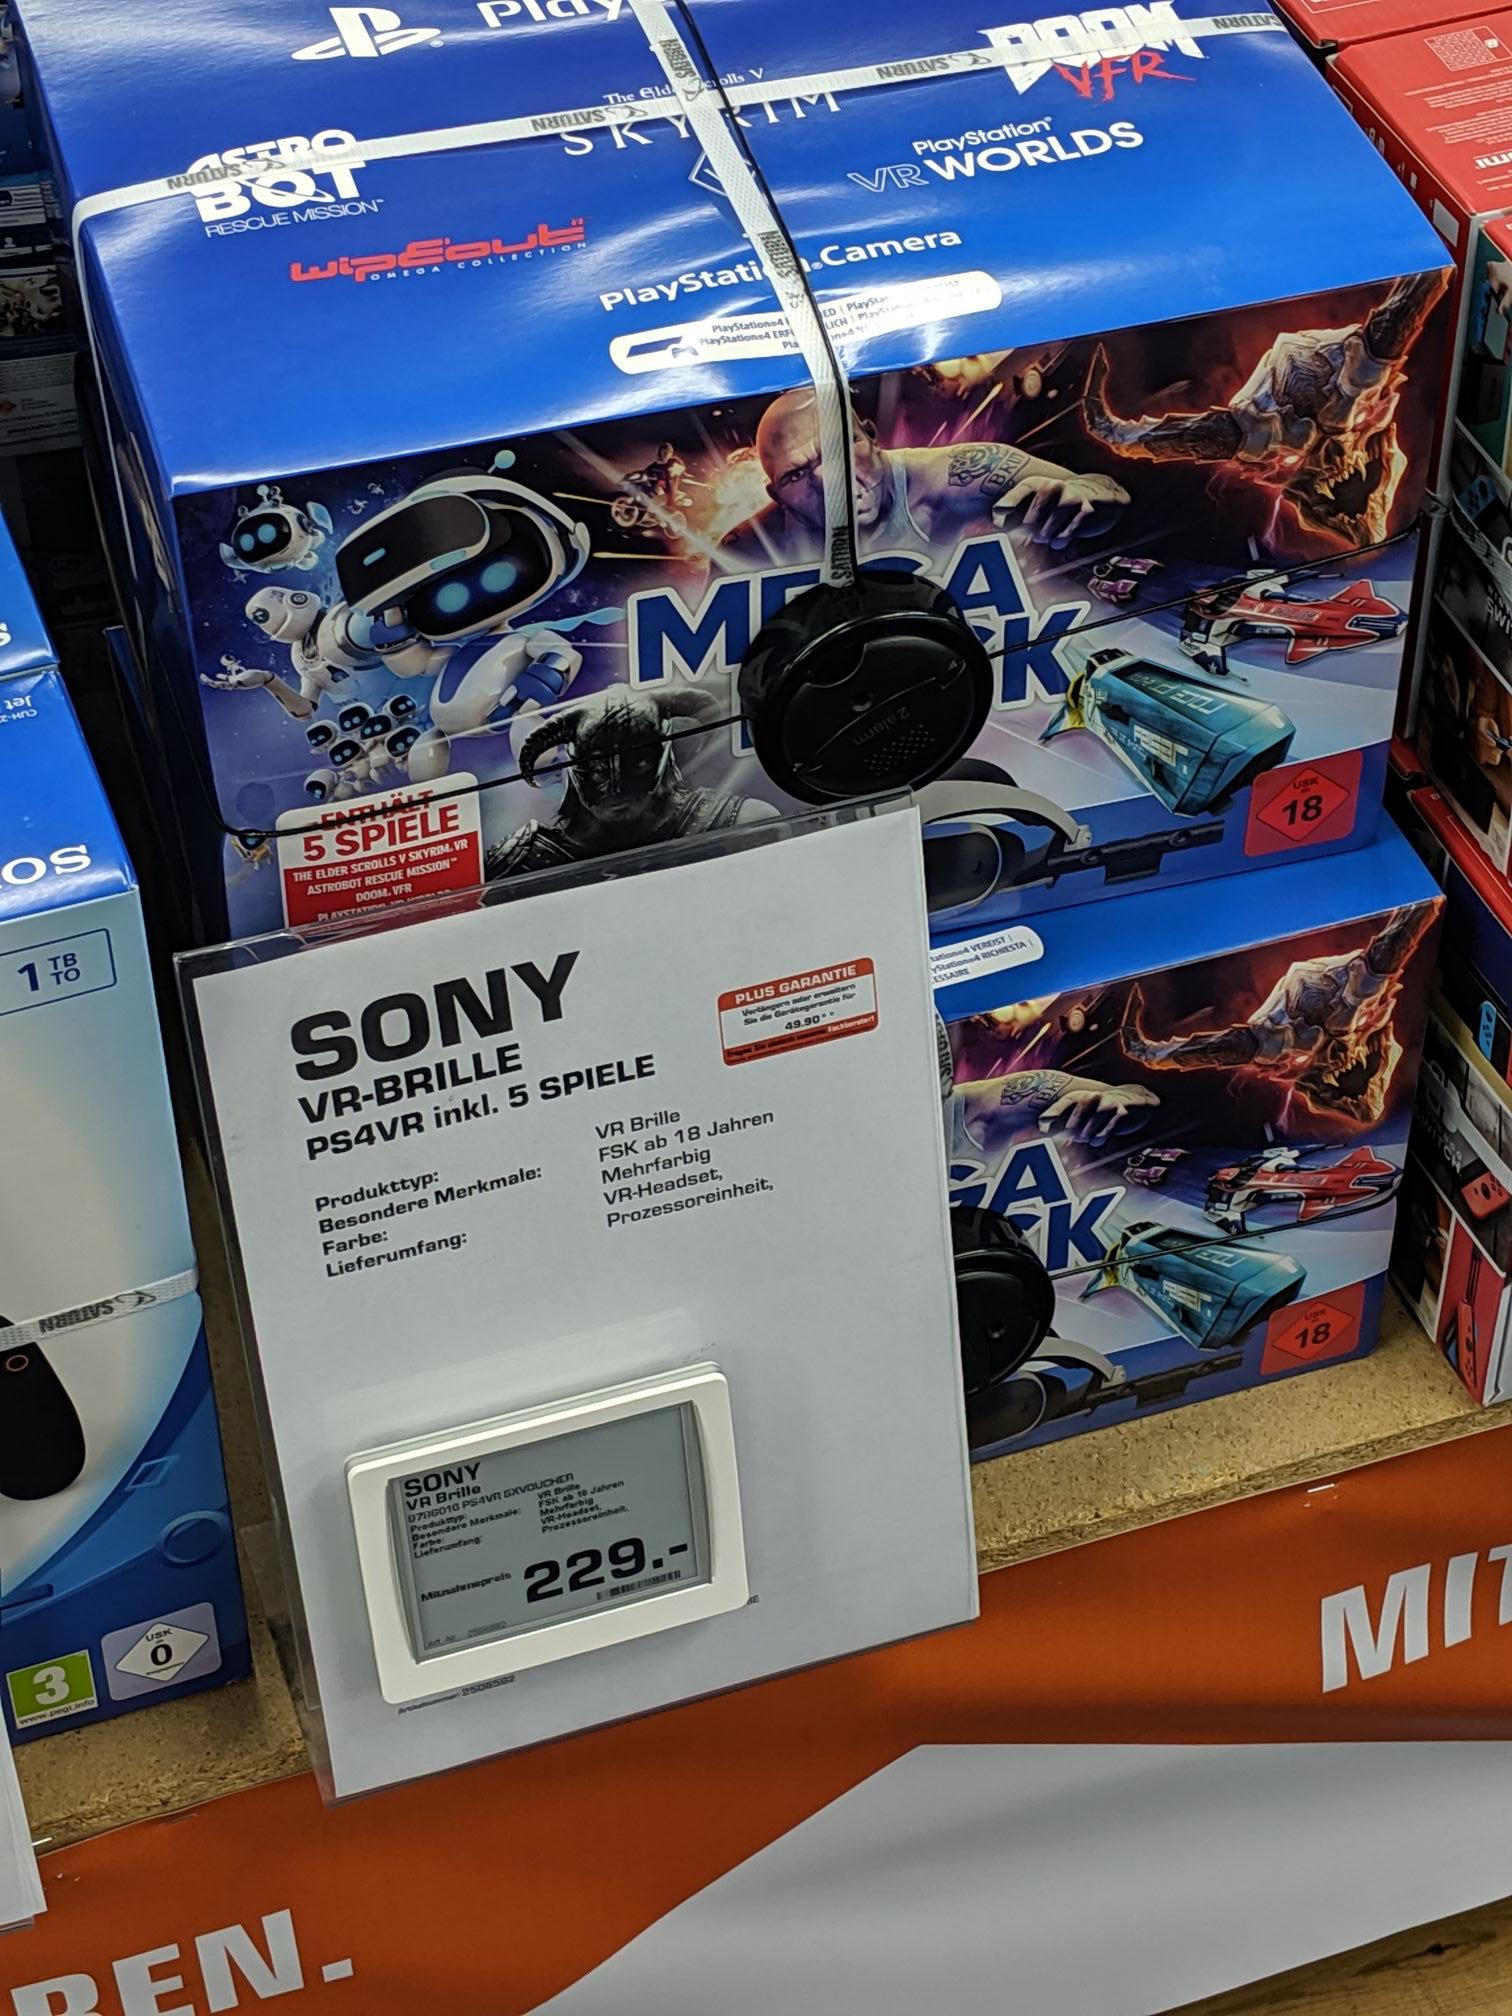 VR-Brille Sony Megapack 5 Spiele - Saturn Osnabrück